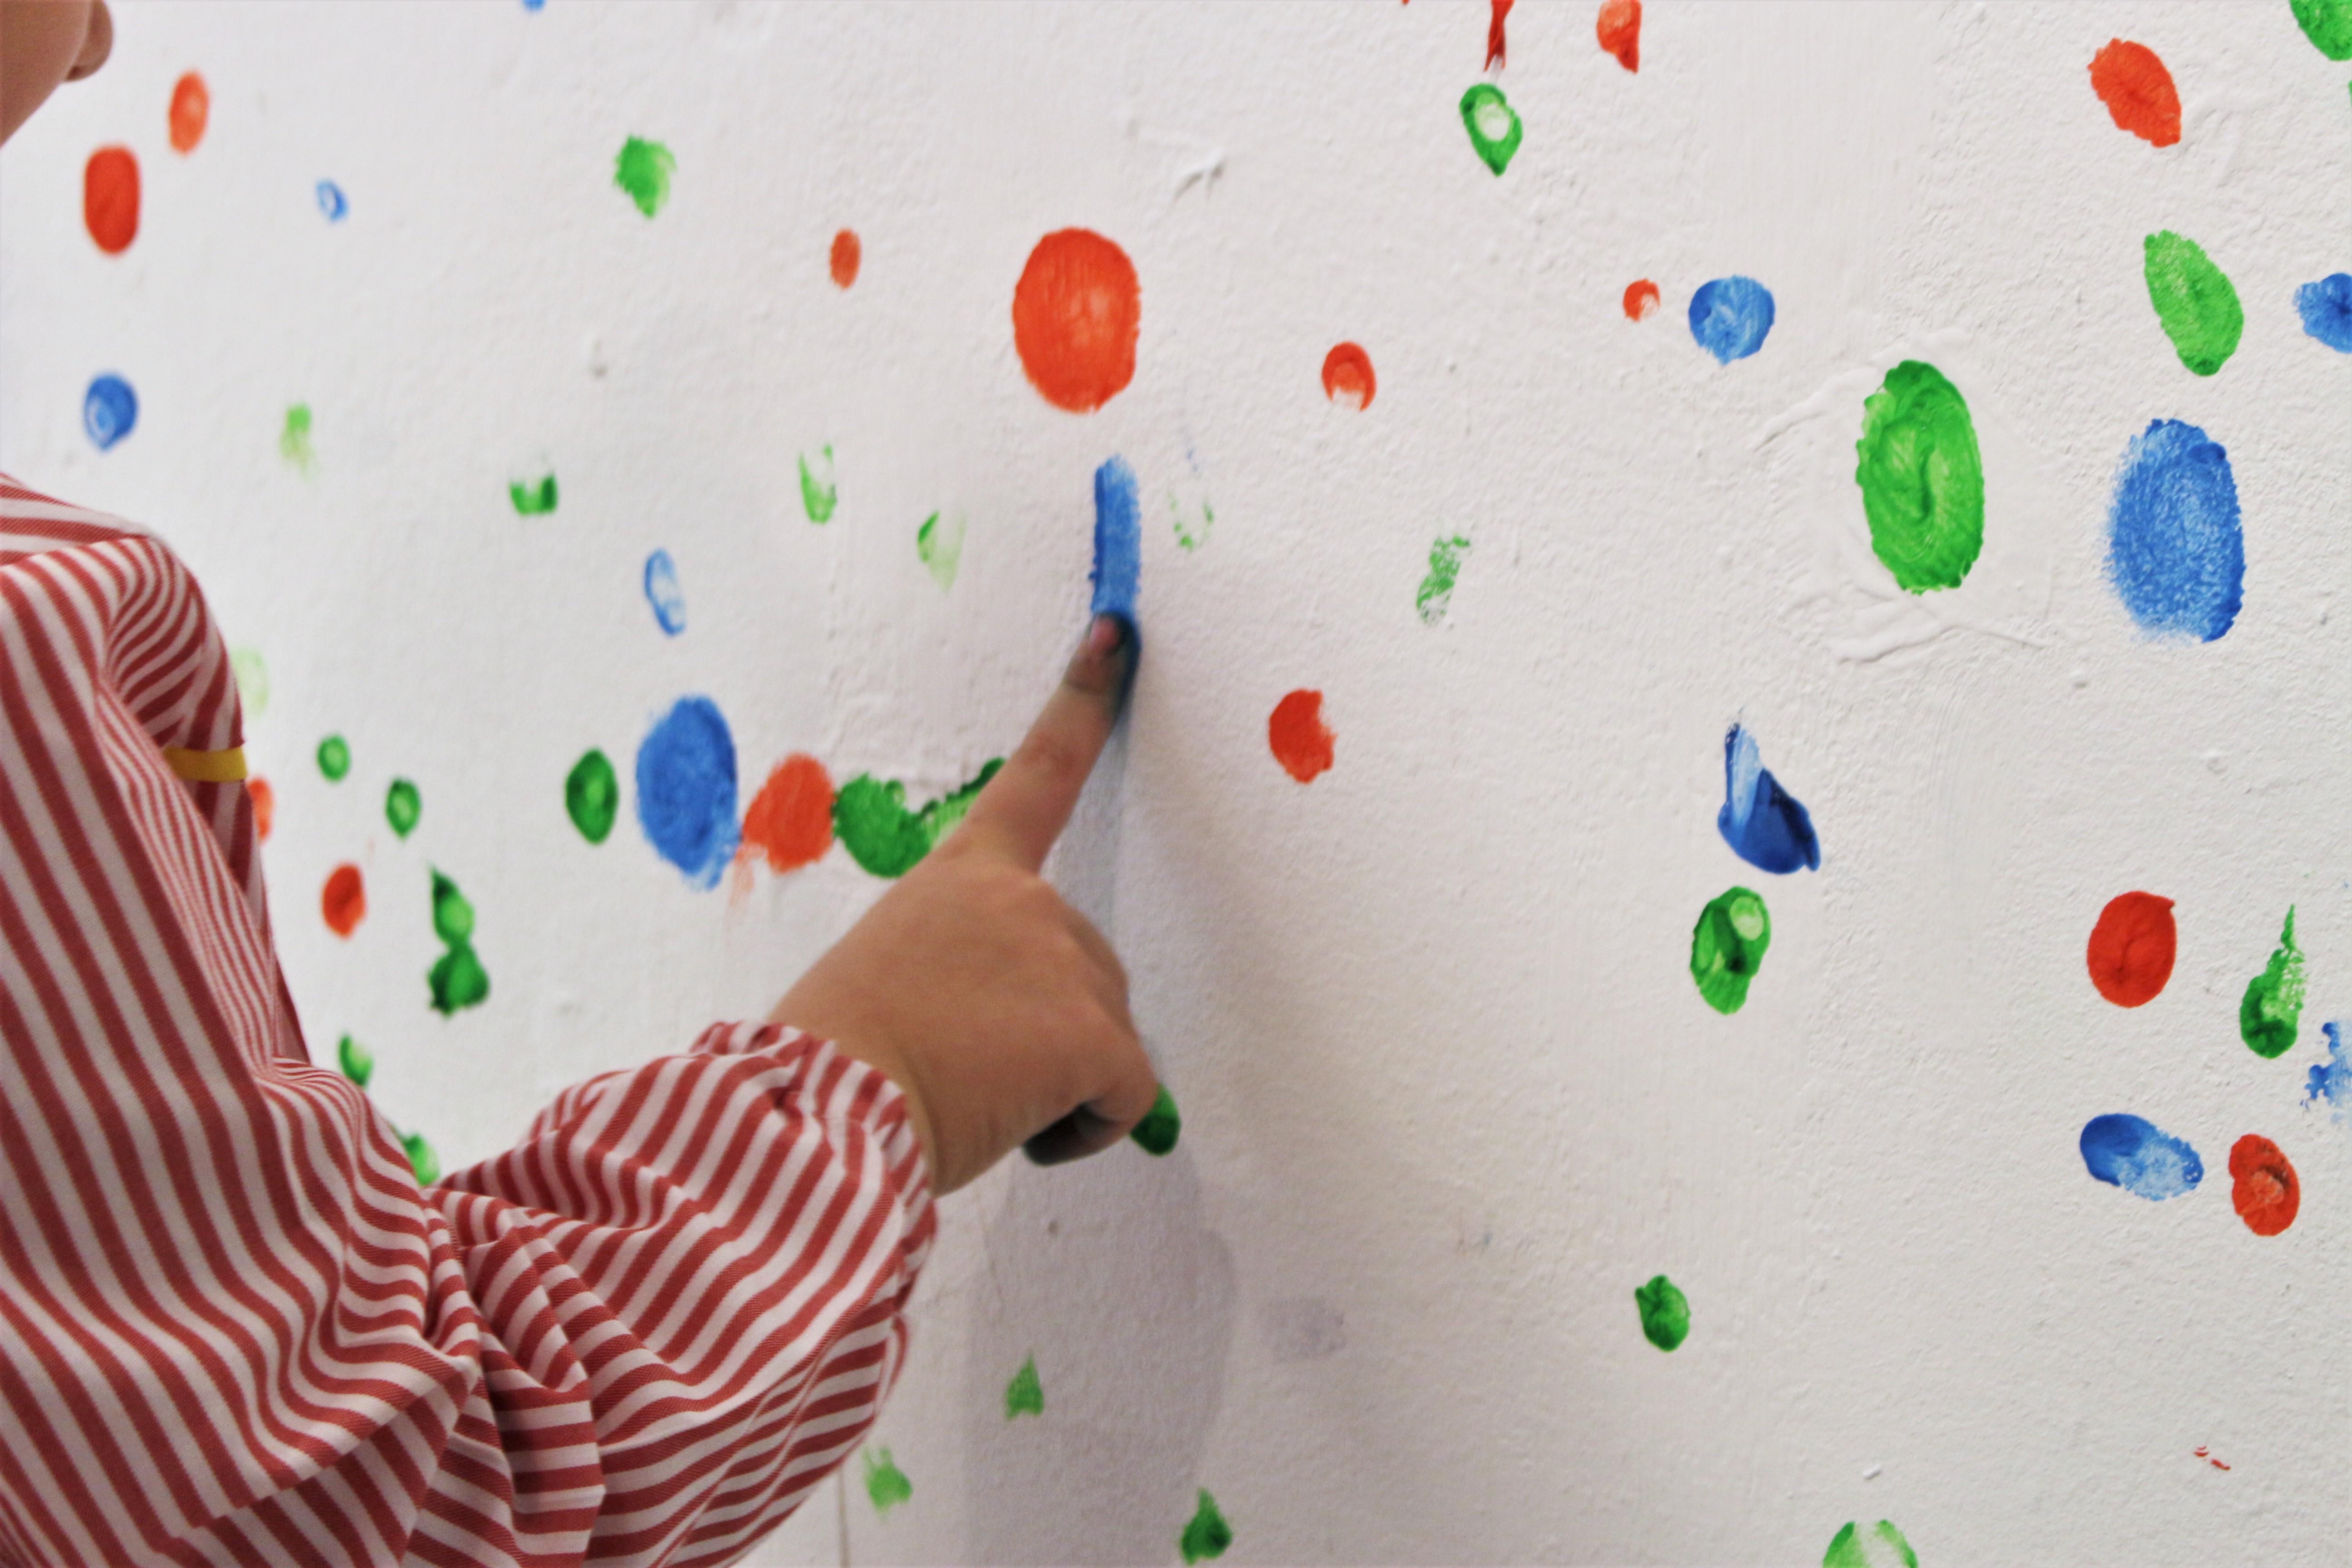 Sin Autor. 2017. Miró 6.